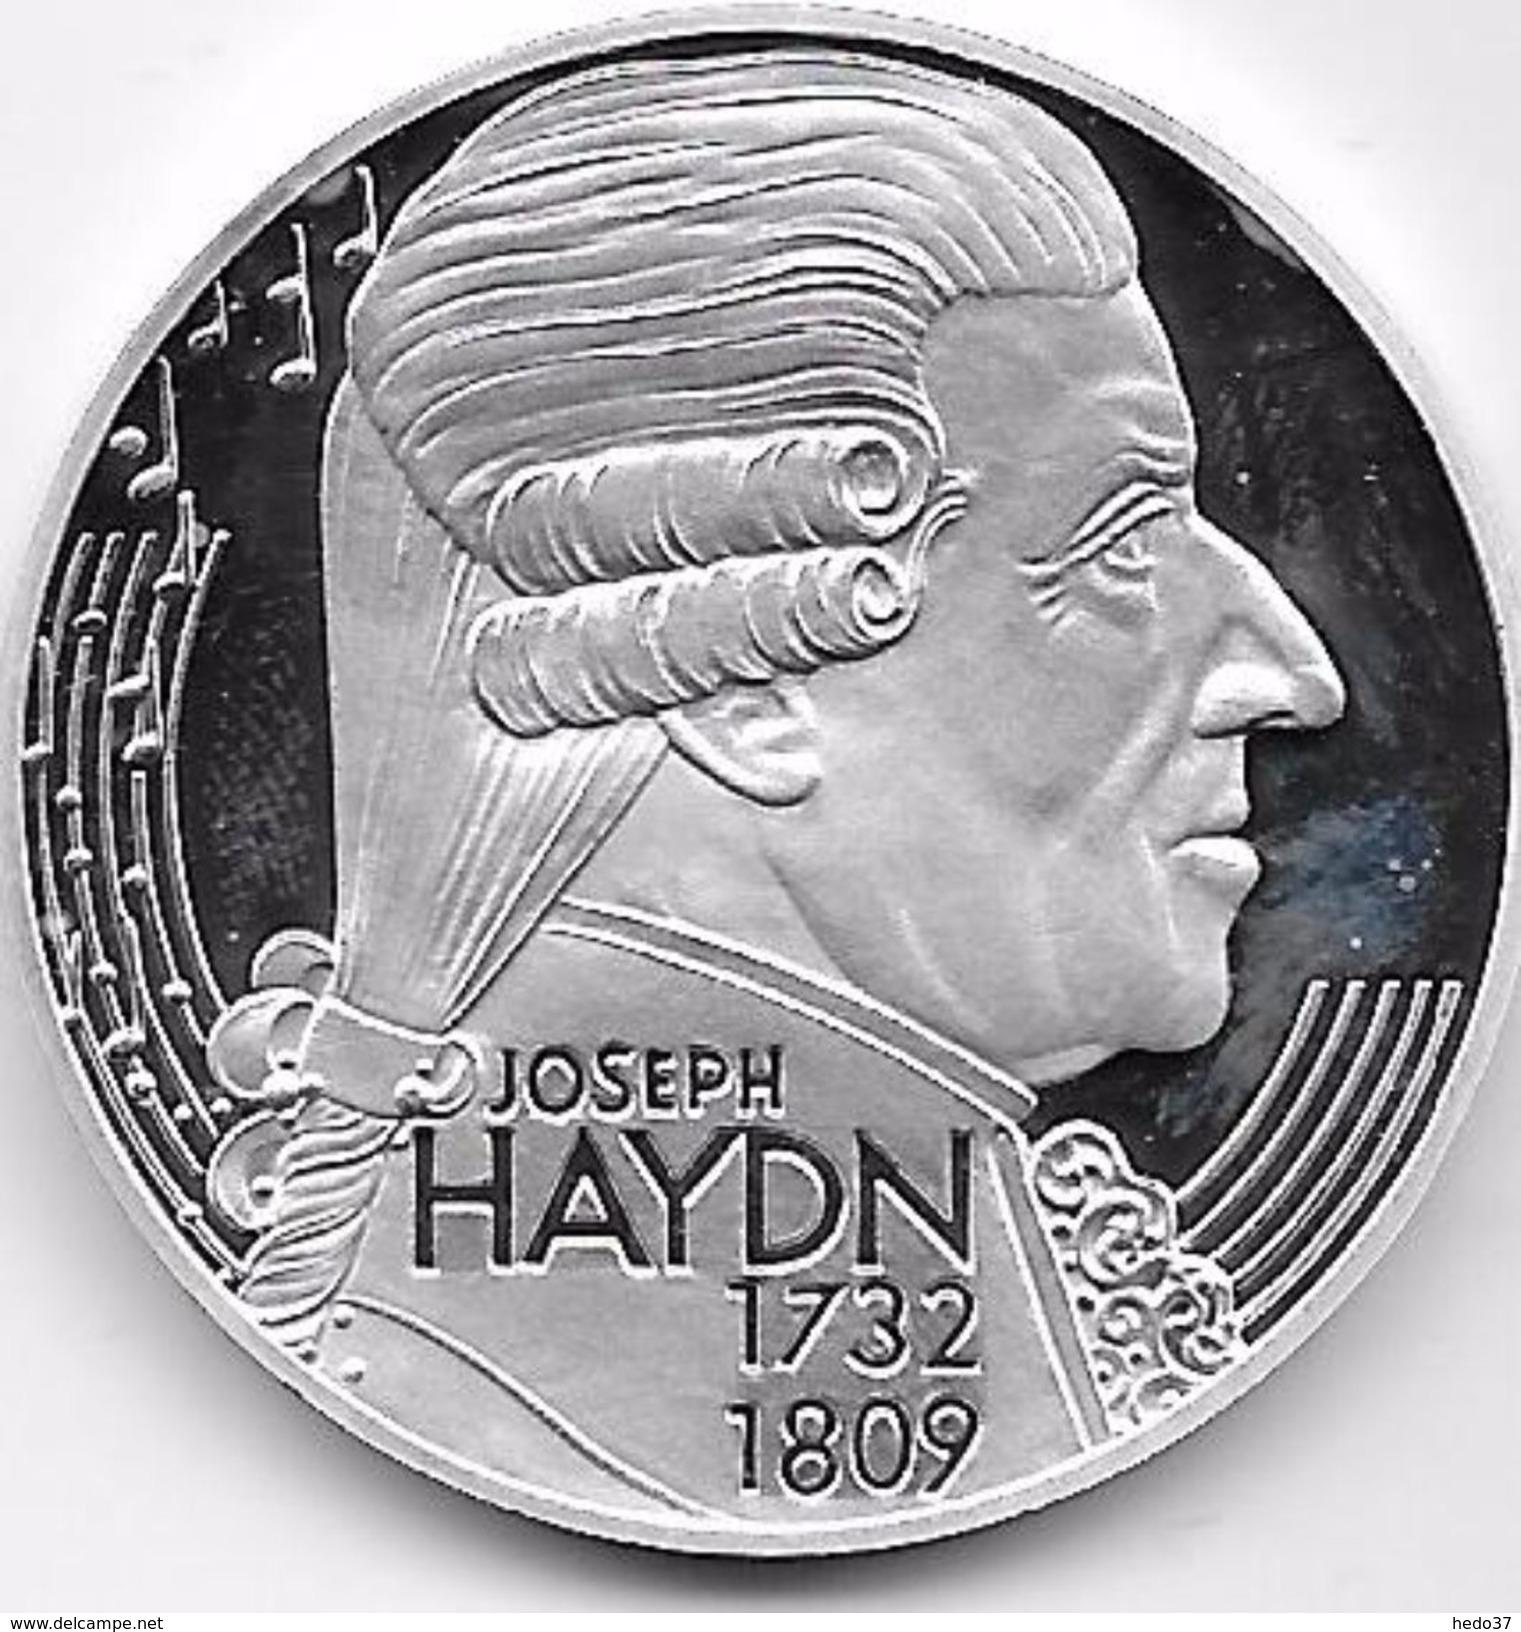 Autriche - 25 Ecu Argent - Haydn - Autriche